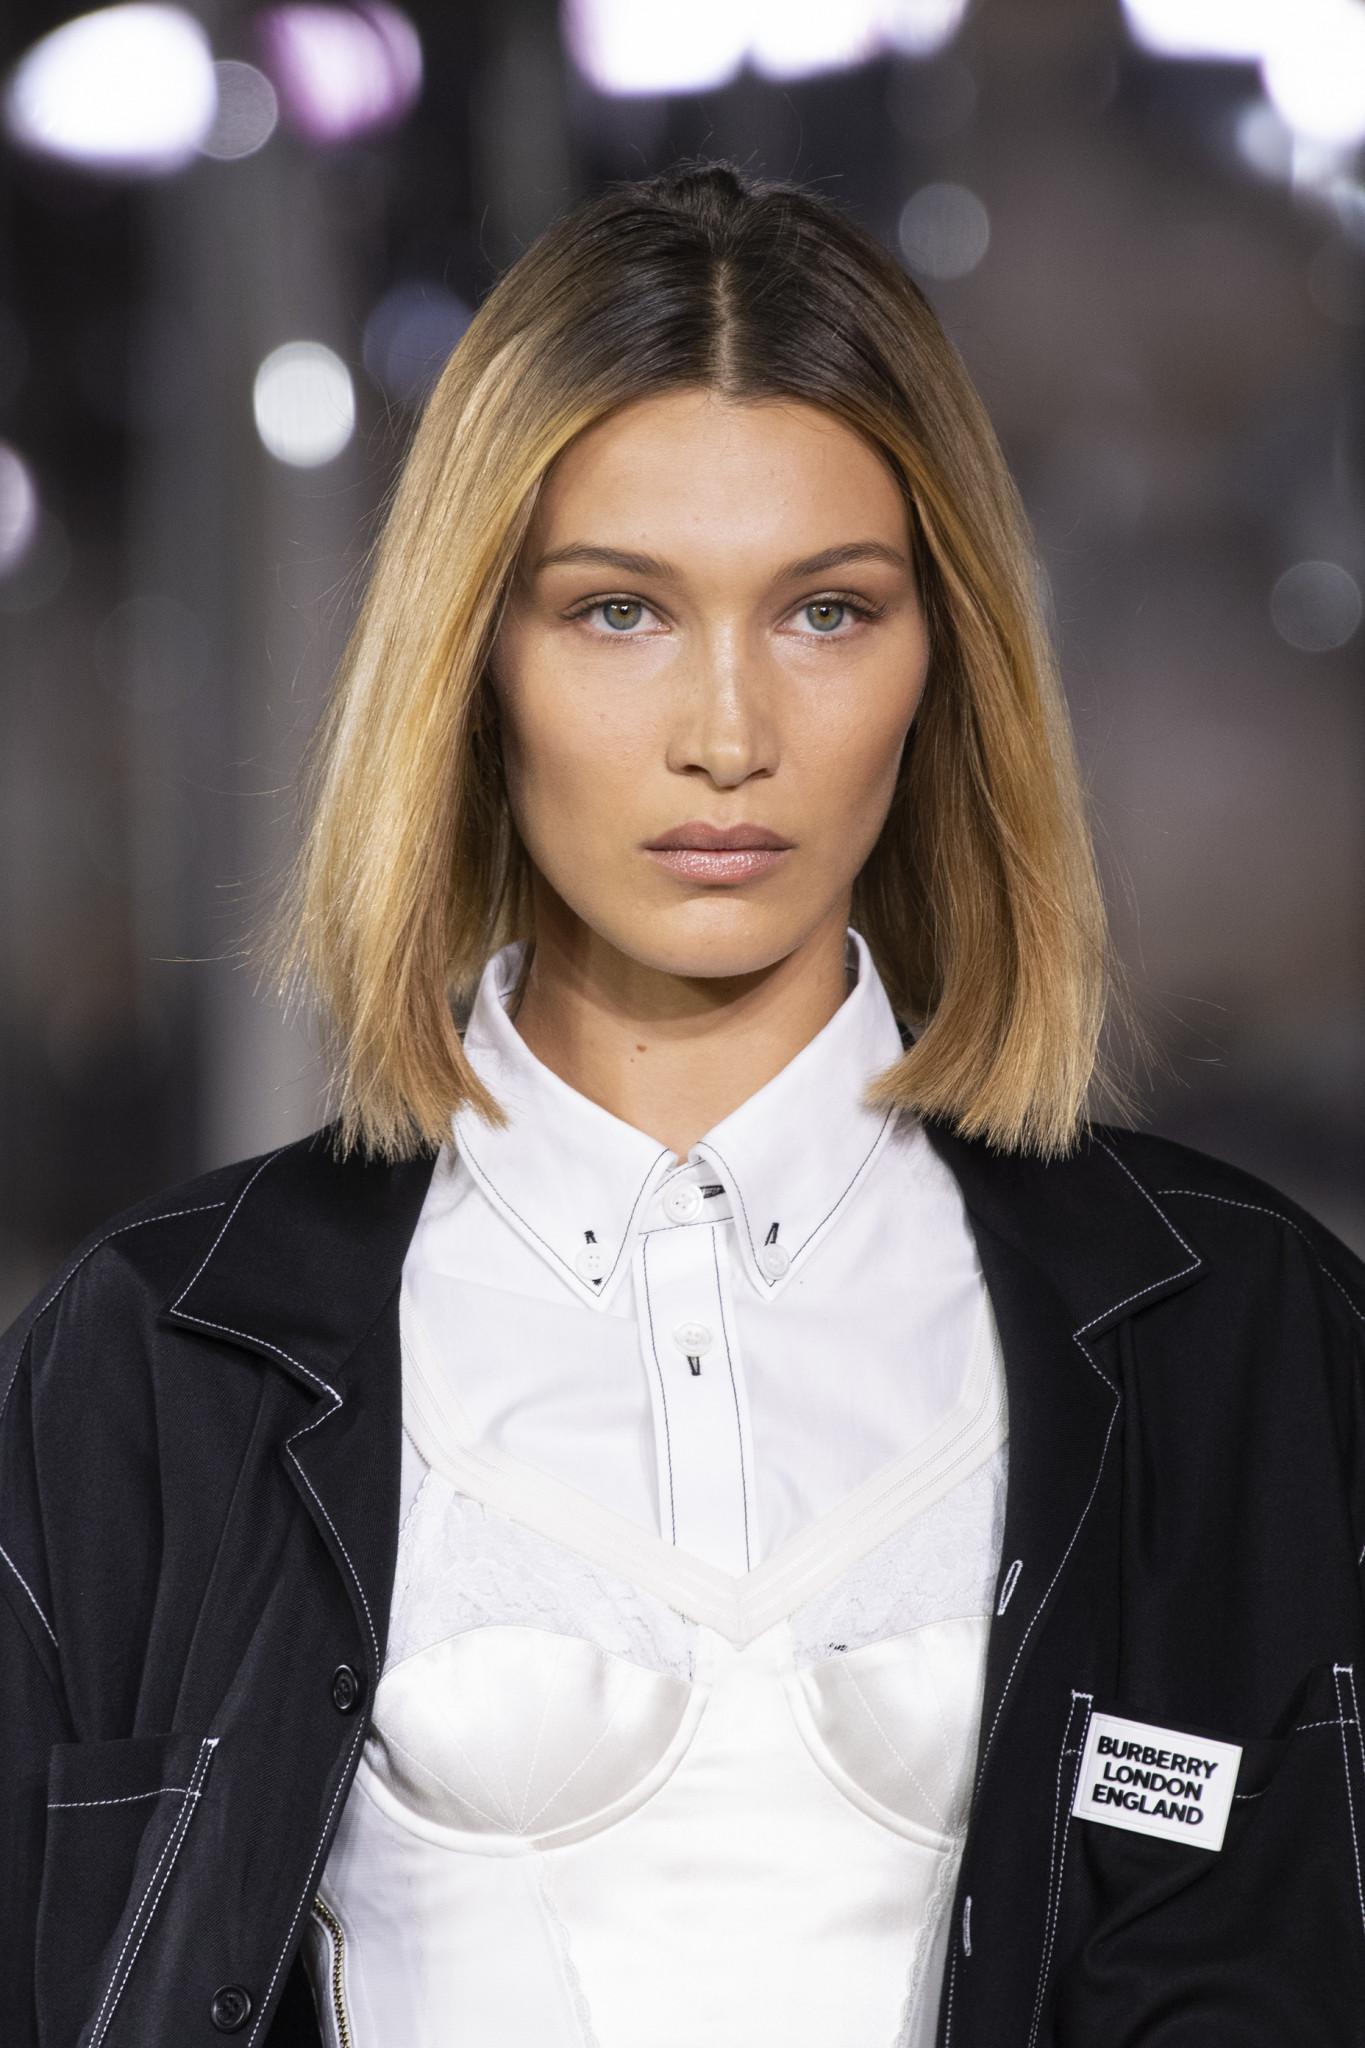 La fashion week de Londres est derrière nous, et nous avons repéré quelques tendances capillaires pour les saisons à venir! Retour sur les tendances cheveux repérées sur les podiums pendant la semaine de la mode anglaise.